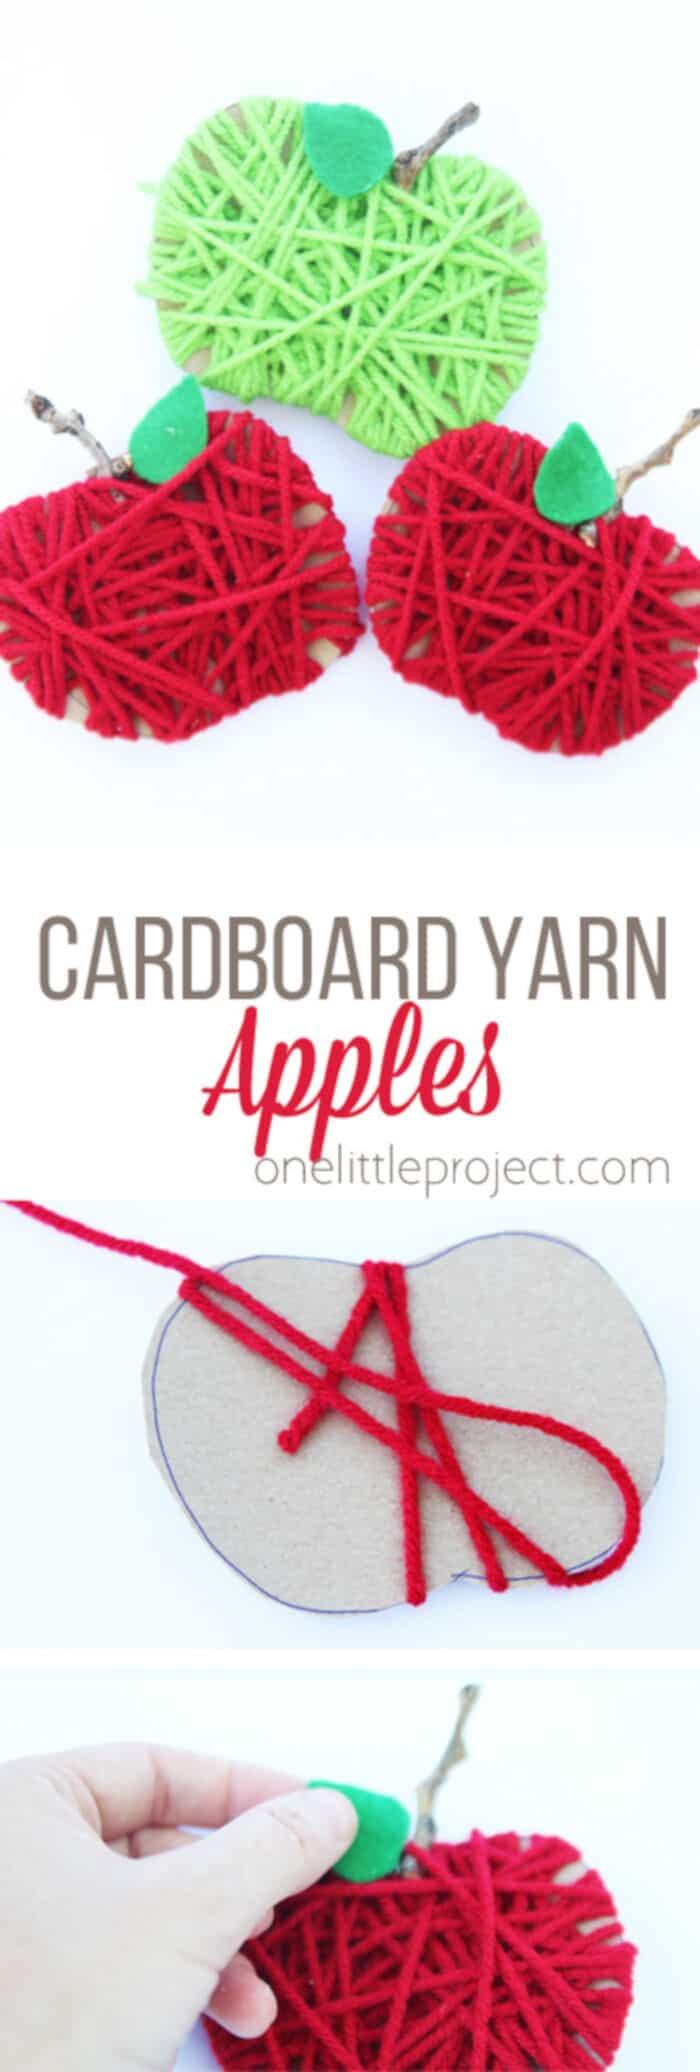 Cardboard Yarn Apples by One Little Project